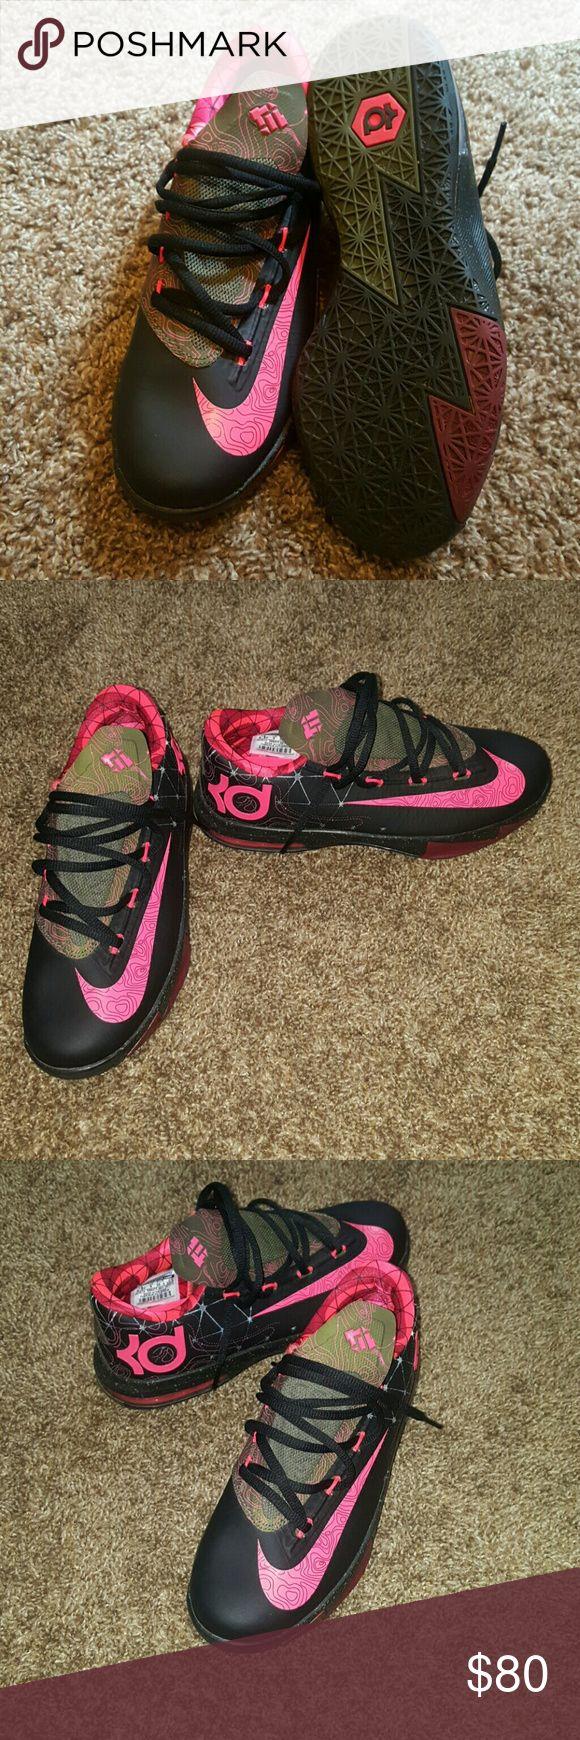 Kd 6 meteorology NWOT Cute kd 6 army green, pink, and black. Nike Shoes Sneakers